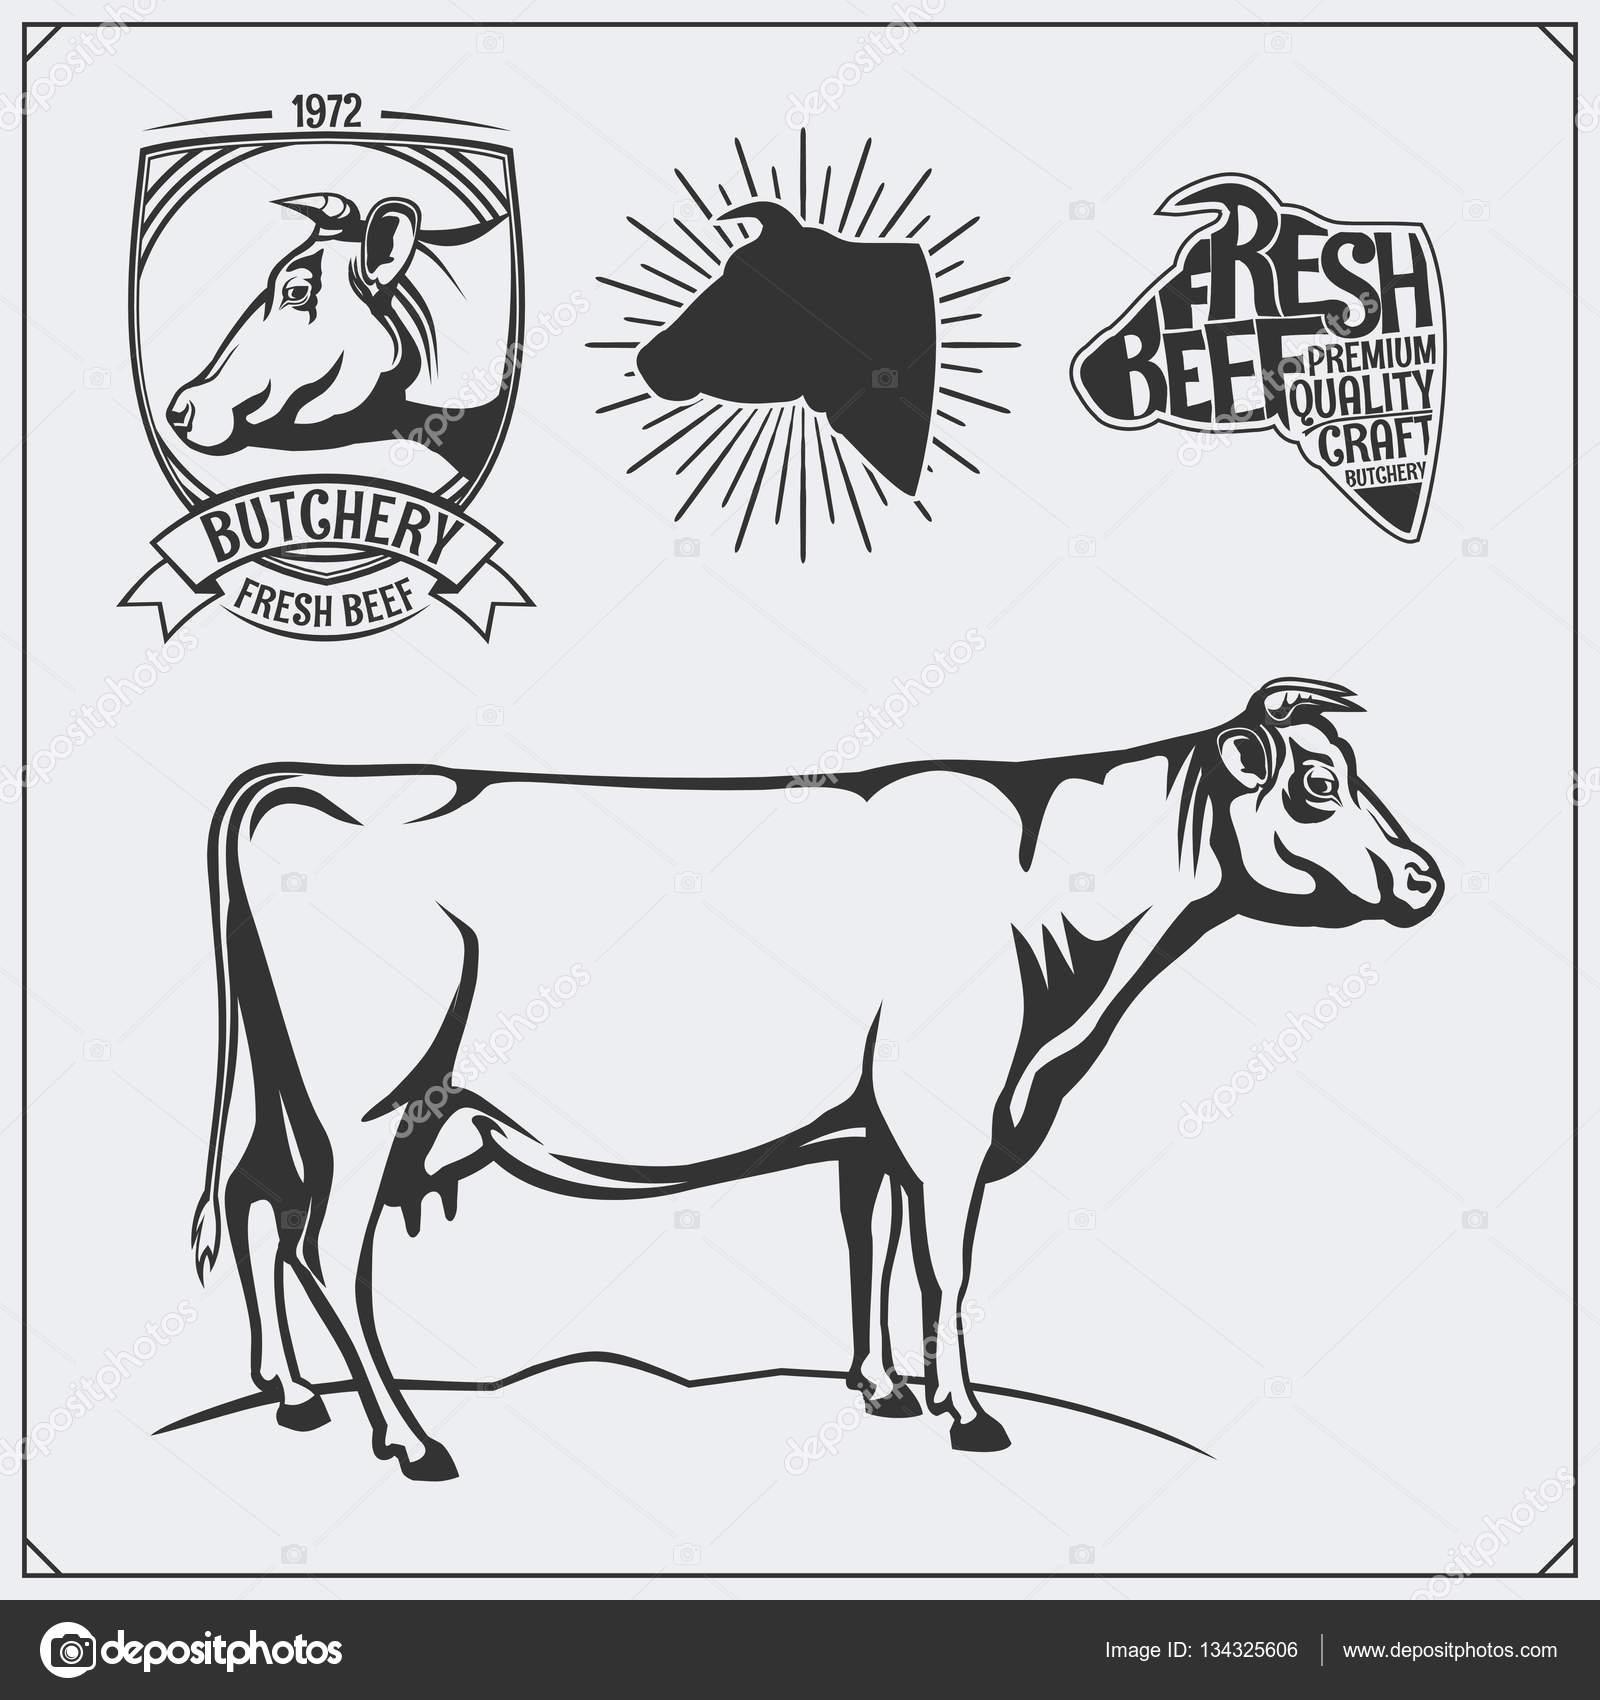 Vektor-Fleisch-Etiketten und Illustration der Kuh. Vorlagen für die ...